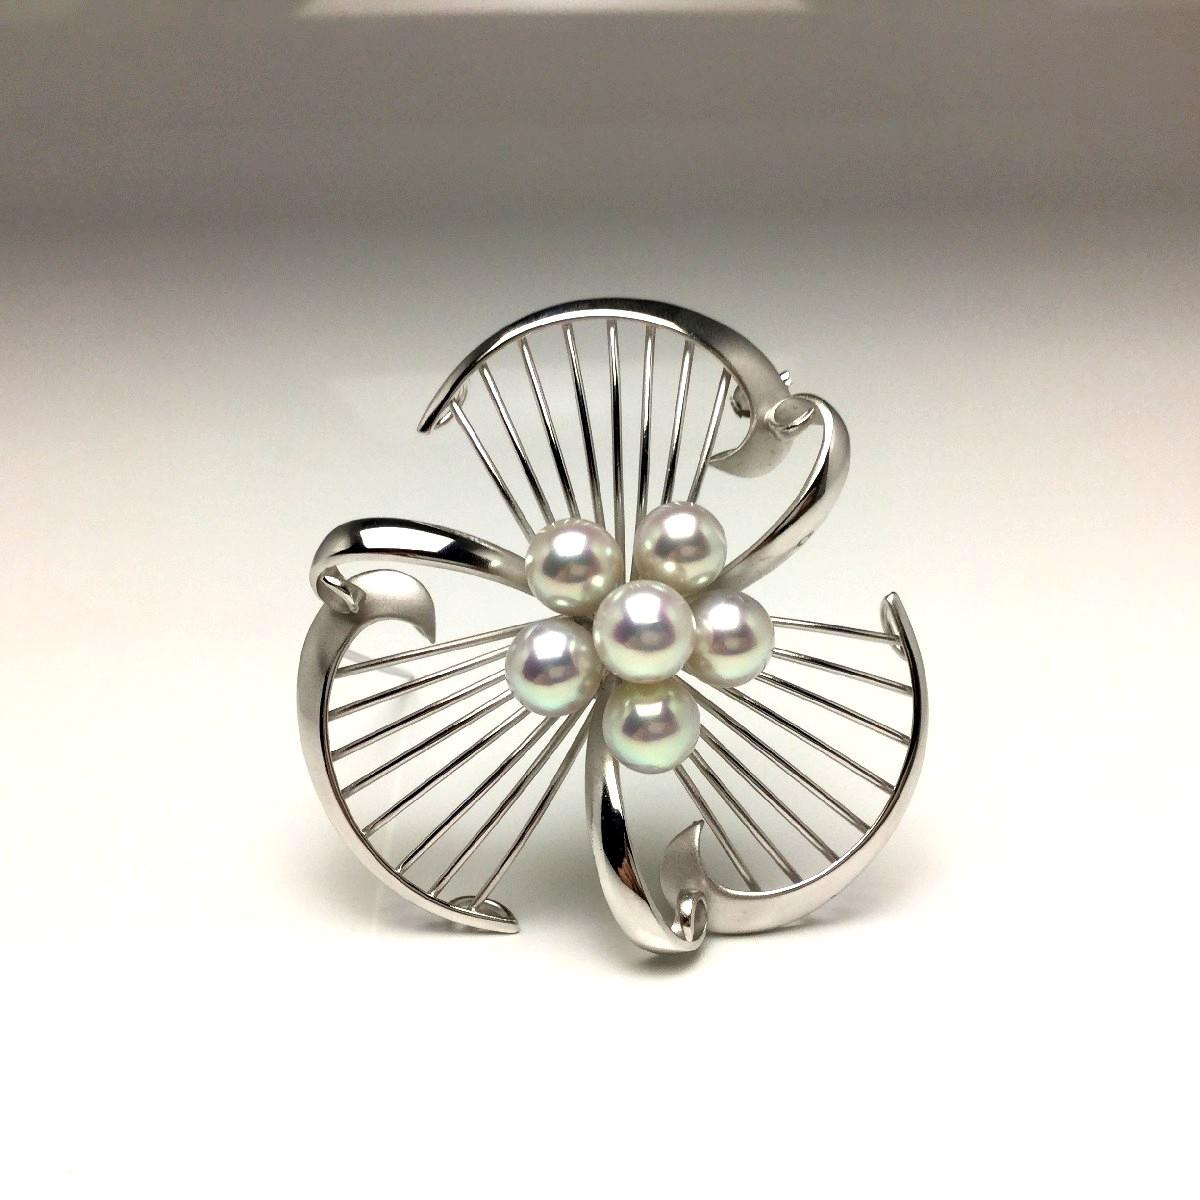 真珠 ブローチ パール アコヤ真珠 7.0-7.5mm ホワイトシルバーブルー(ナチュラル) シルバー 植物 67038 イソワパール